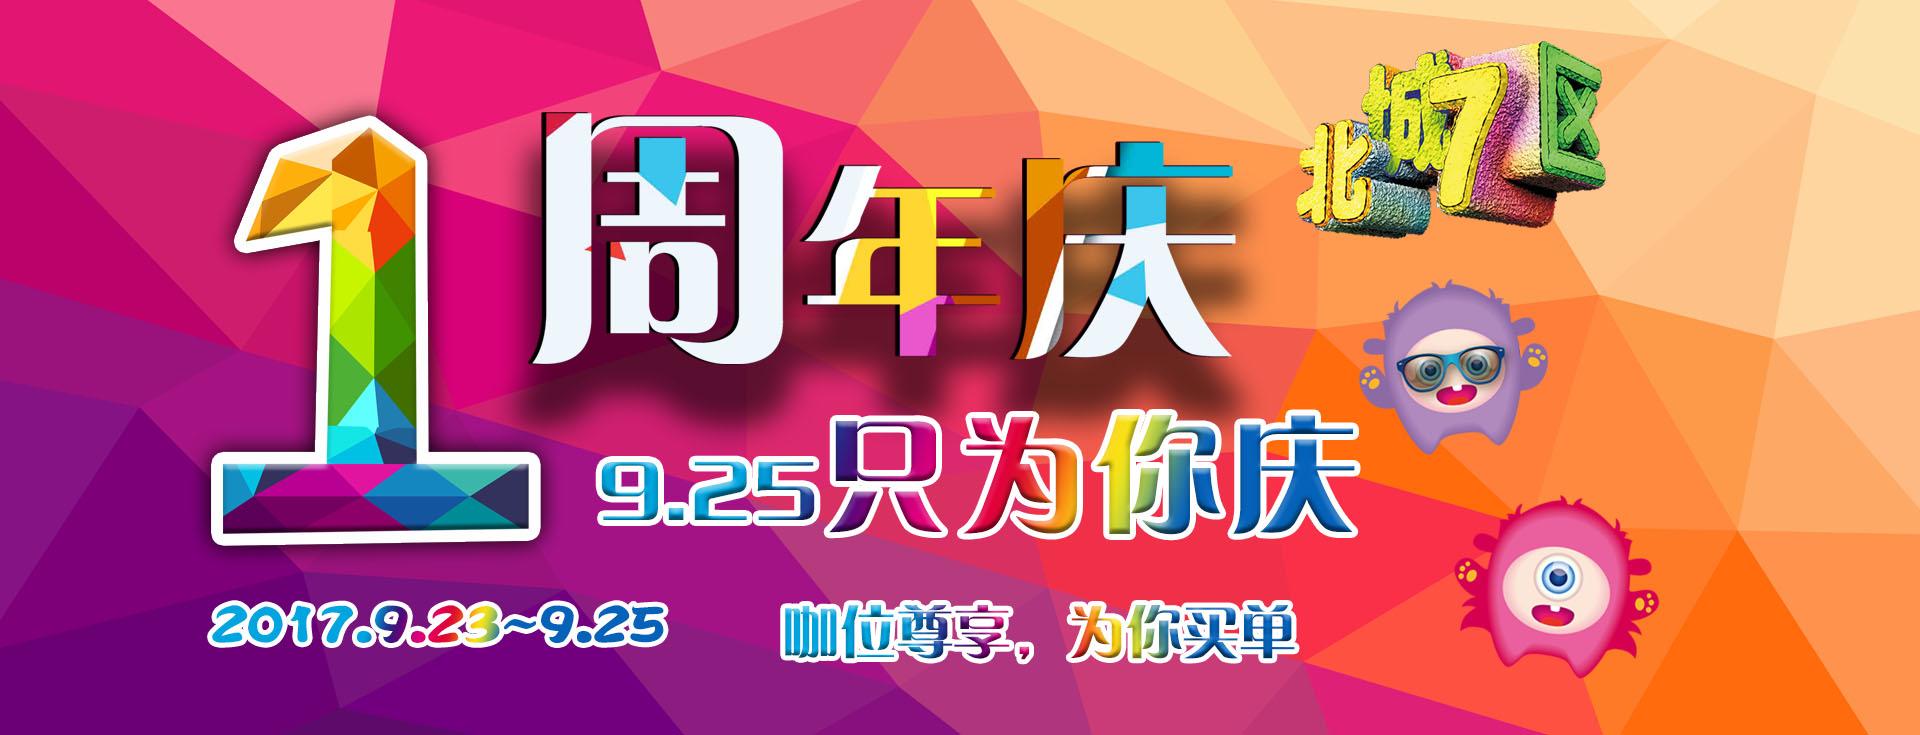 北城7区一周年庆活动预告:30万免单总额、2000个免单名额,等你来拿!!!